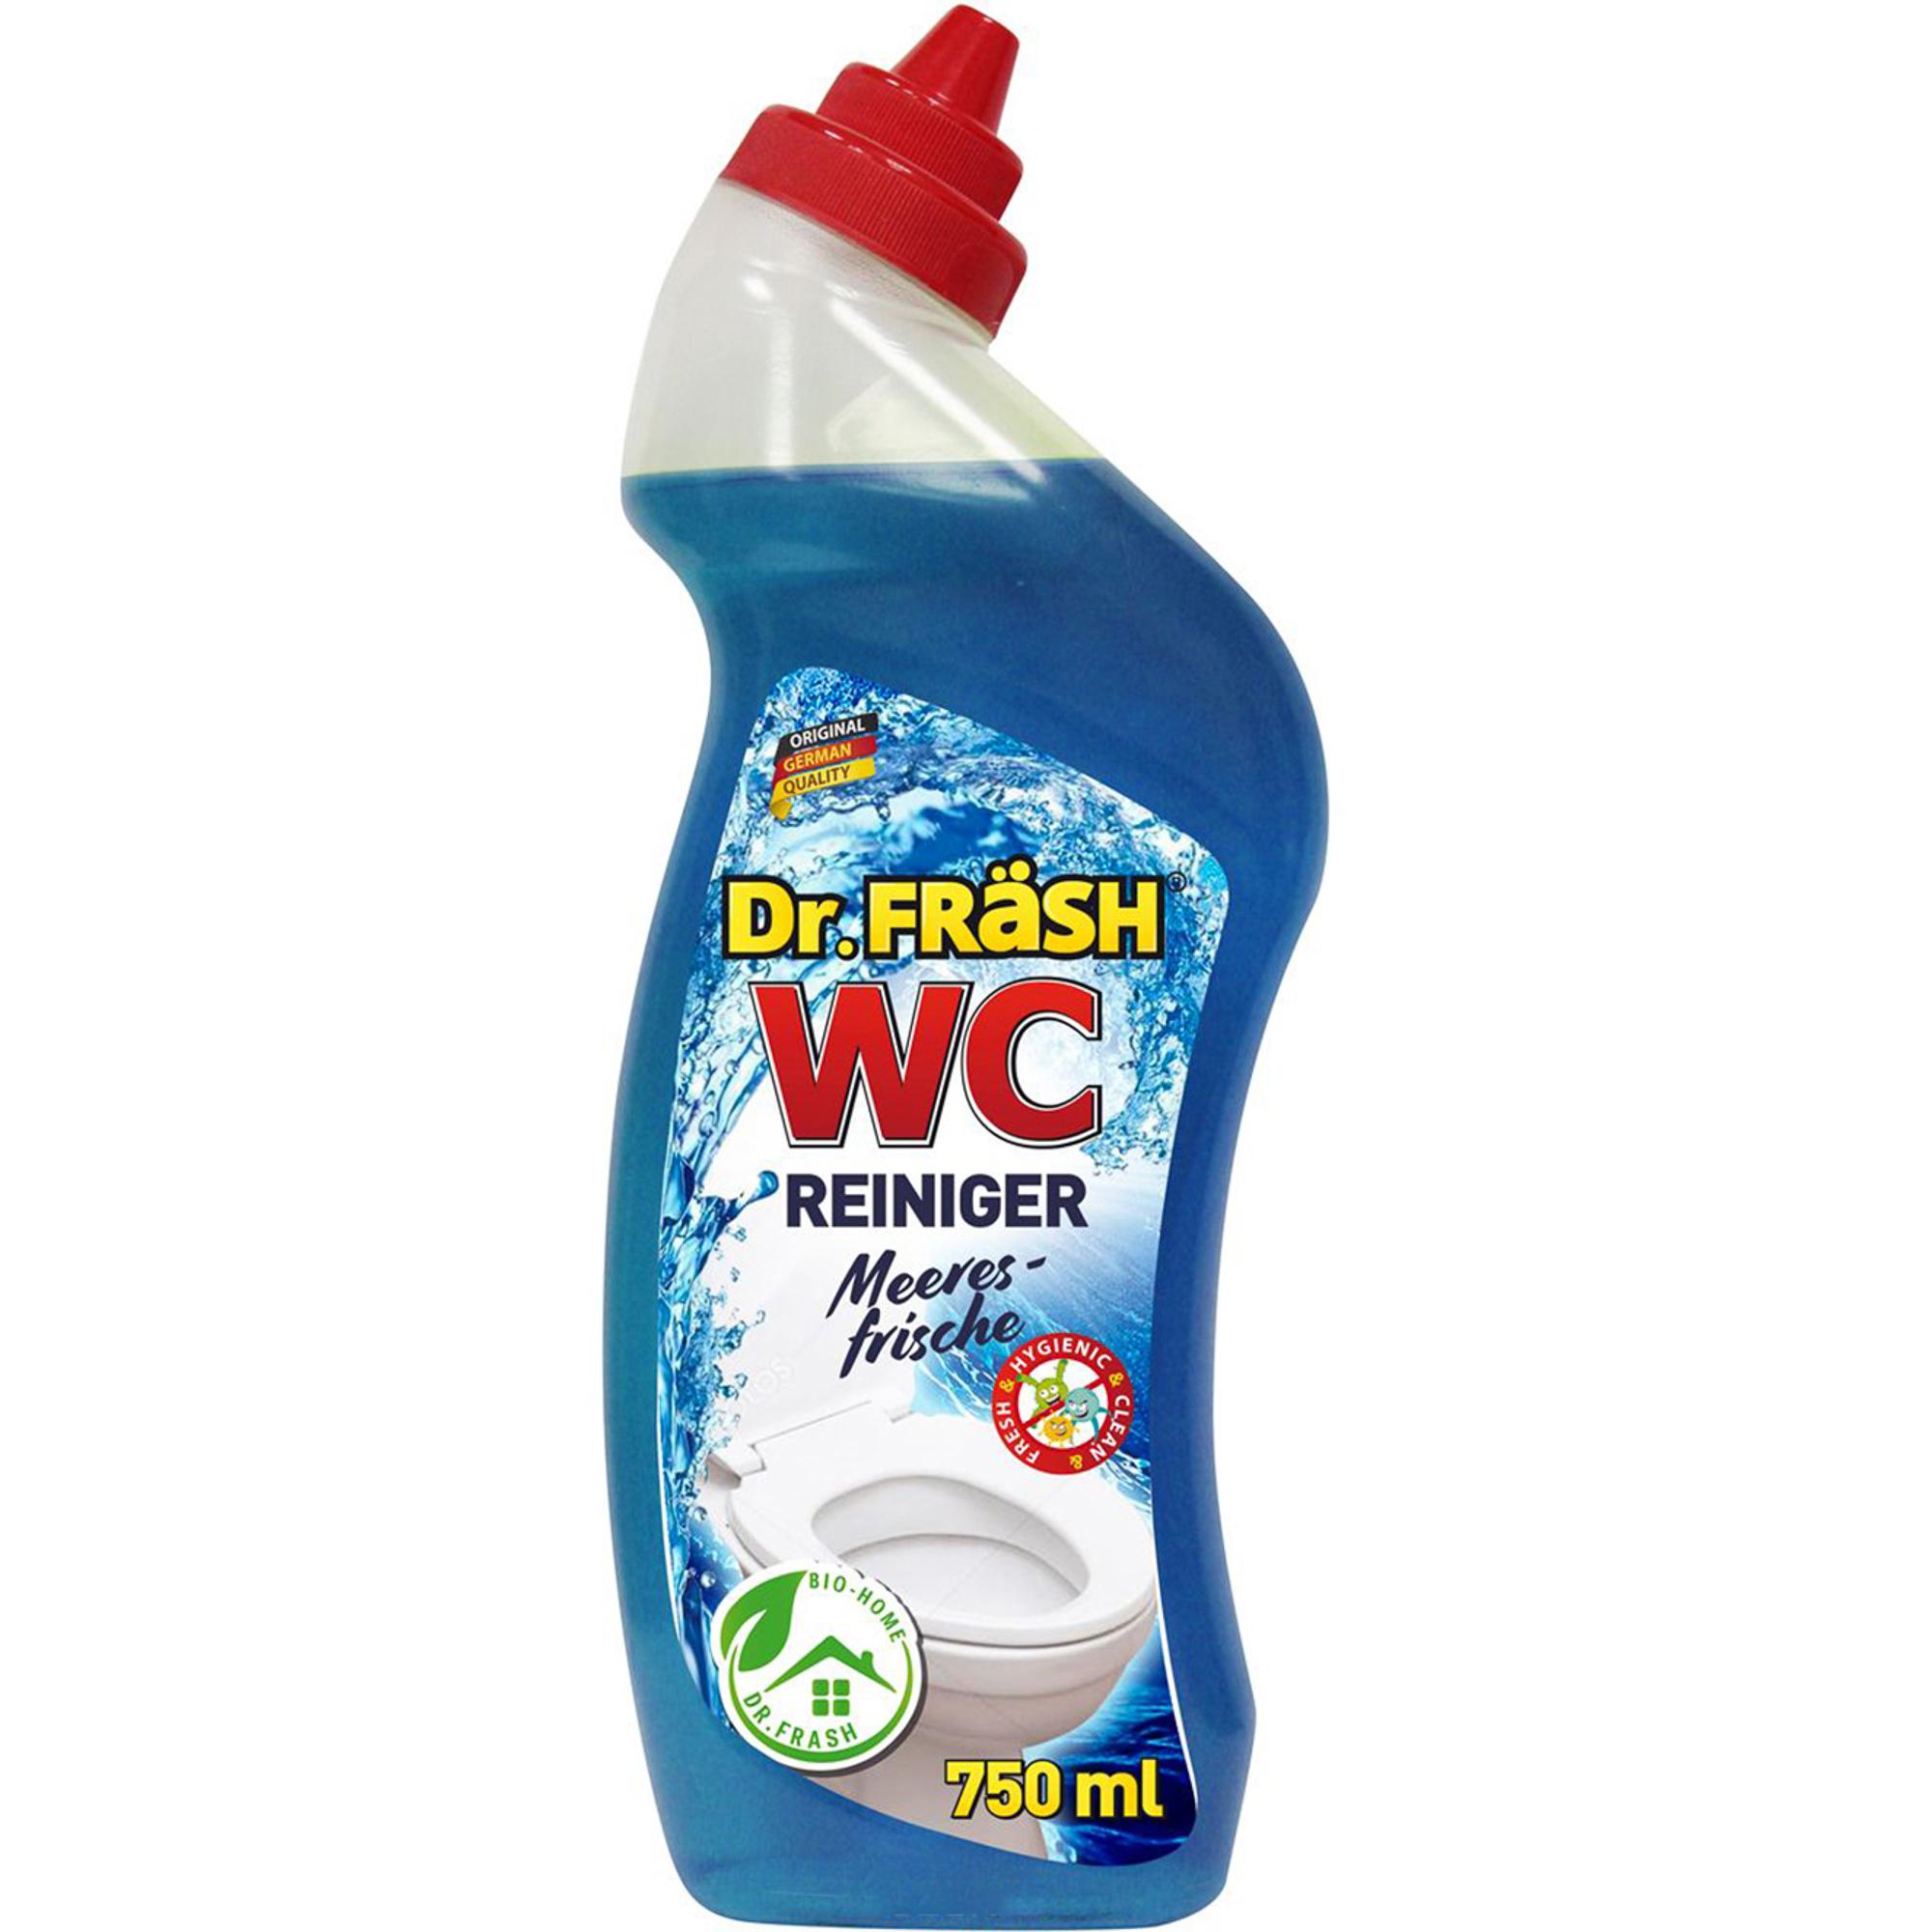 Чистящее средство Dr.Frash Морская свежесть 750 мл средство чистящее nordland морская свежесть д ванн пена 0 6л